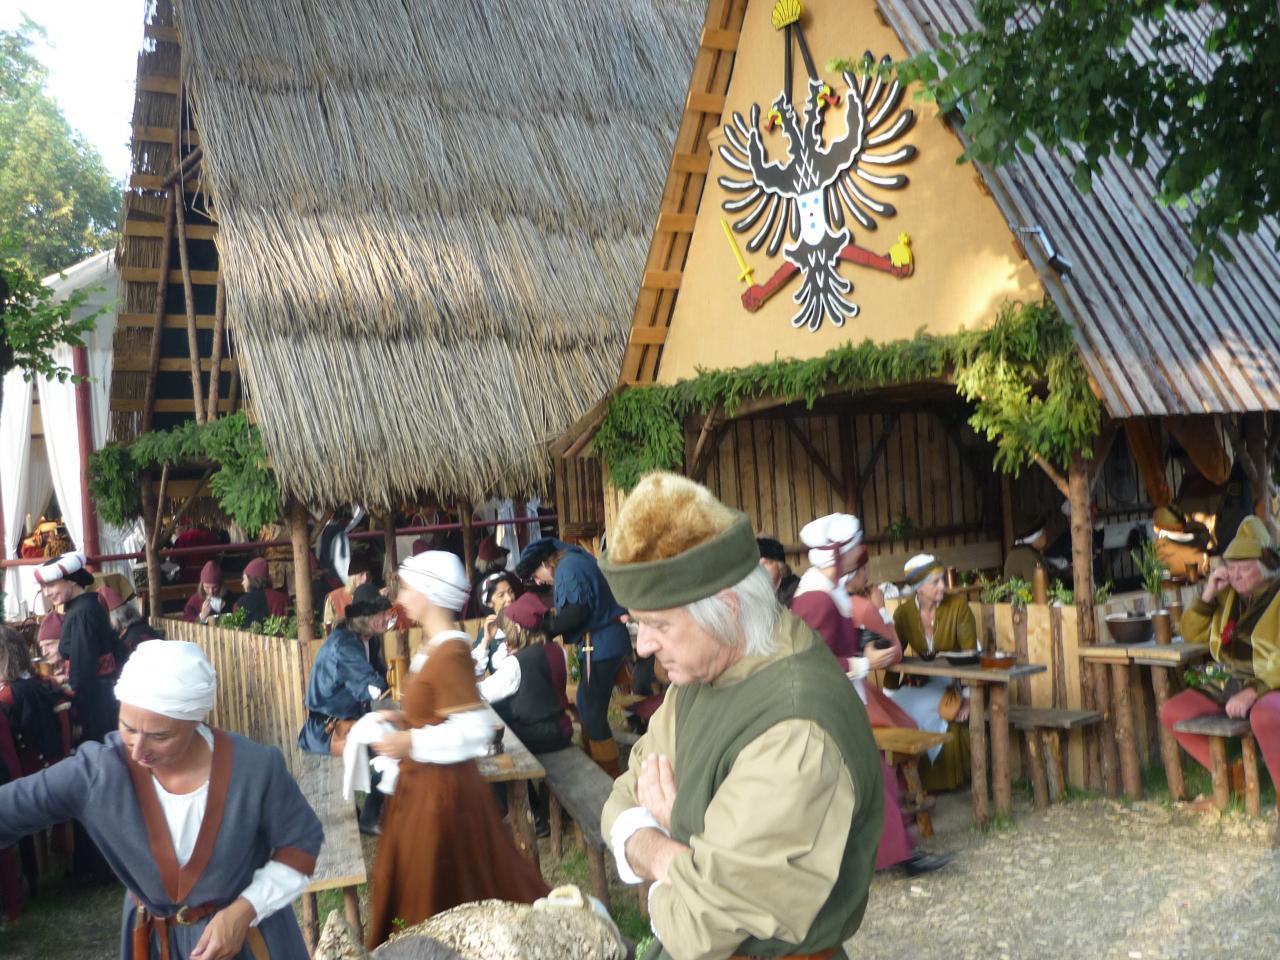 La vie en 1475 pendant les Fêtes du mariage princier à Landshut